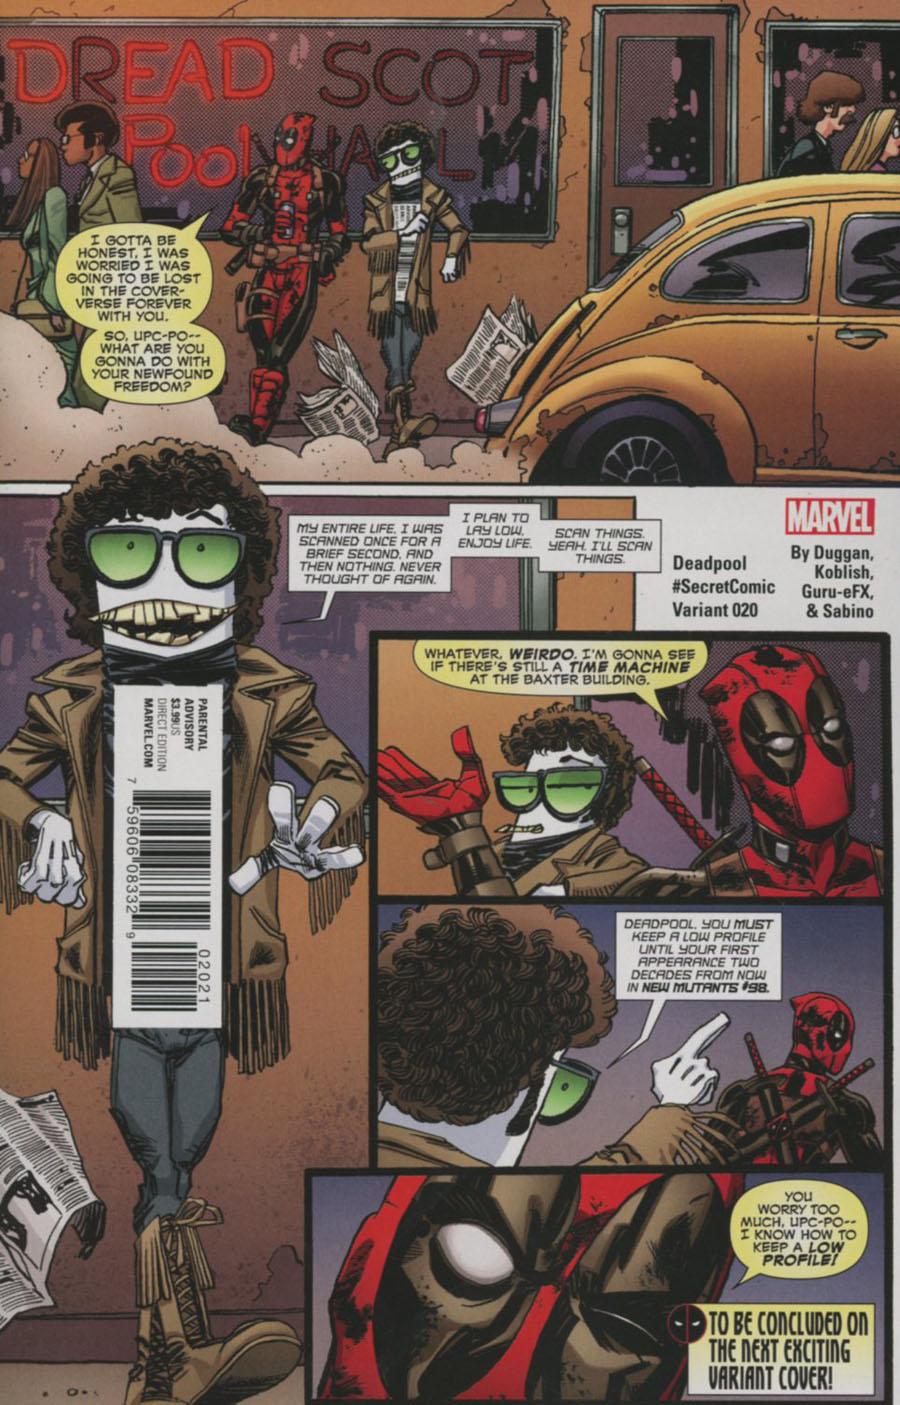 Deadpool Vol 5 #20 Cover B Variant Scott Koblish Cover